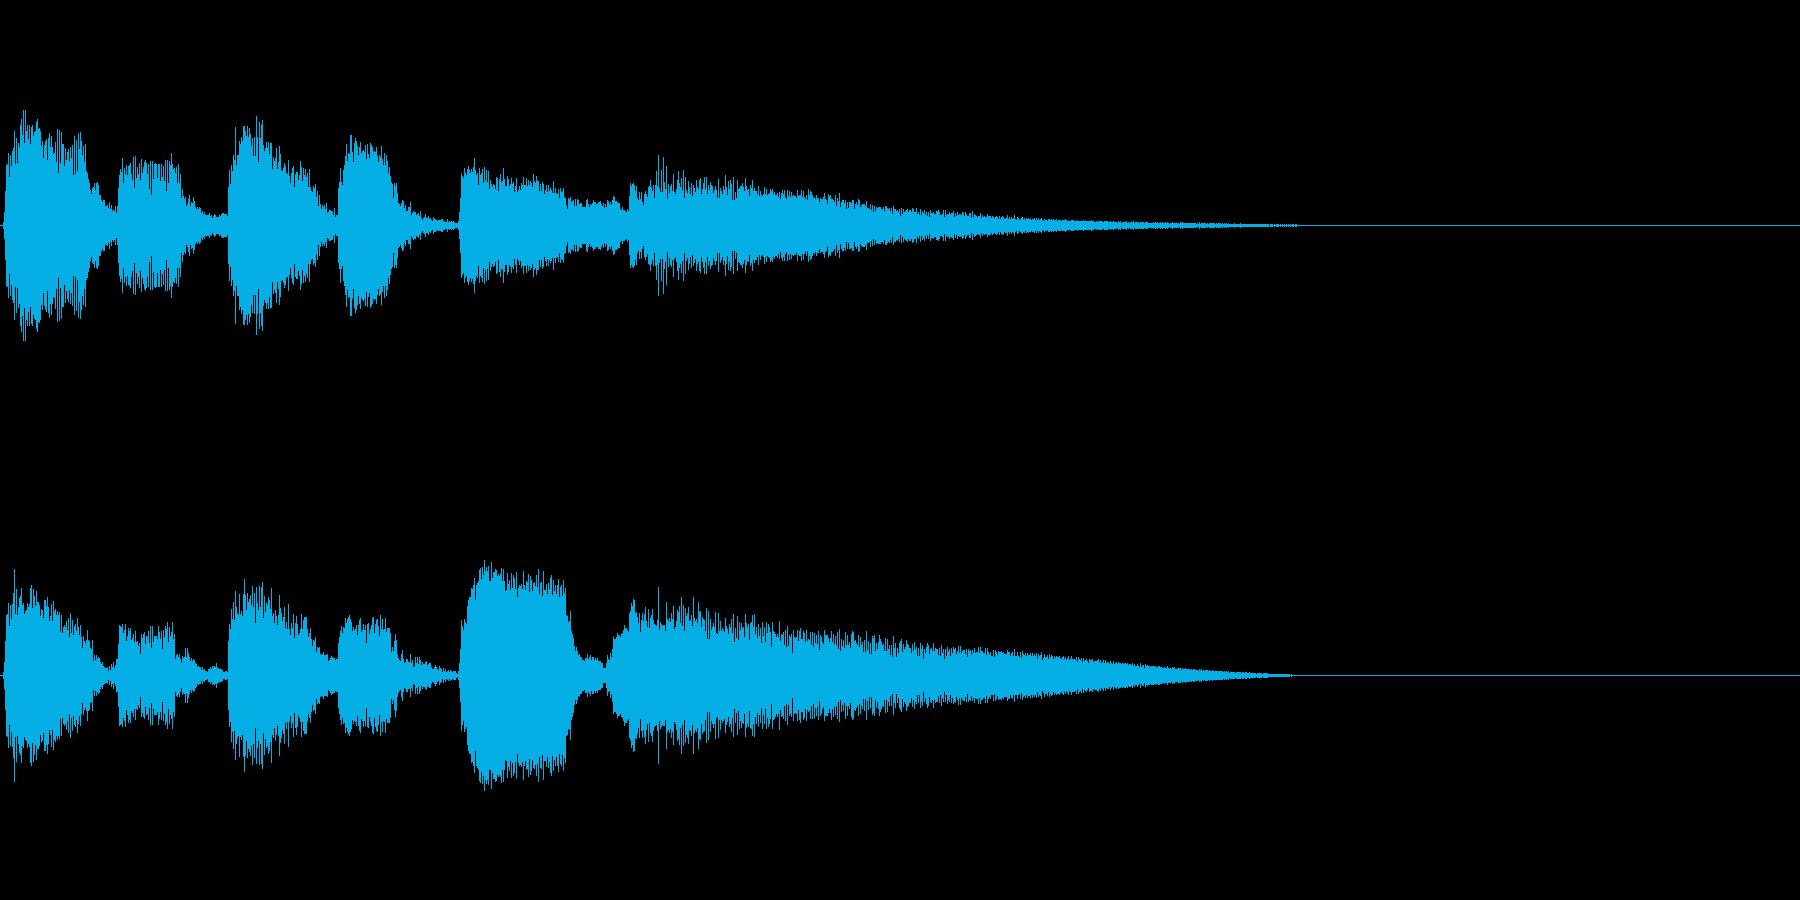 Guitarジングル4/おしゃれコードの再生済みの波形